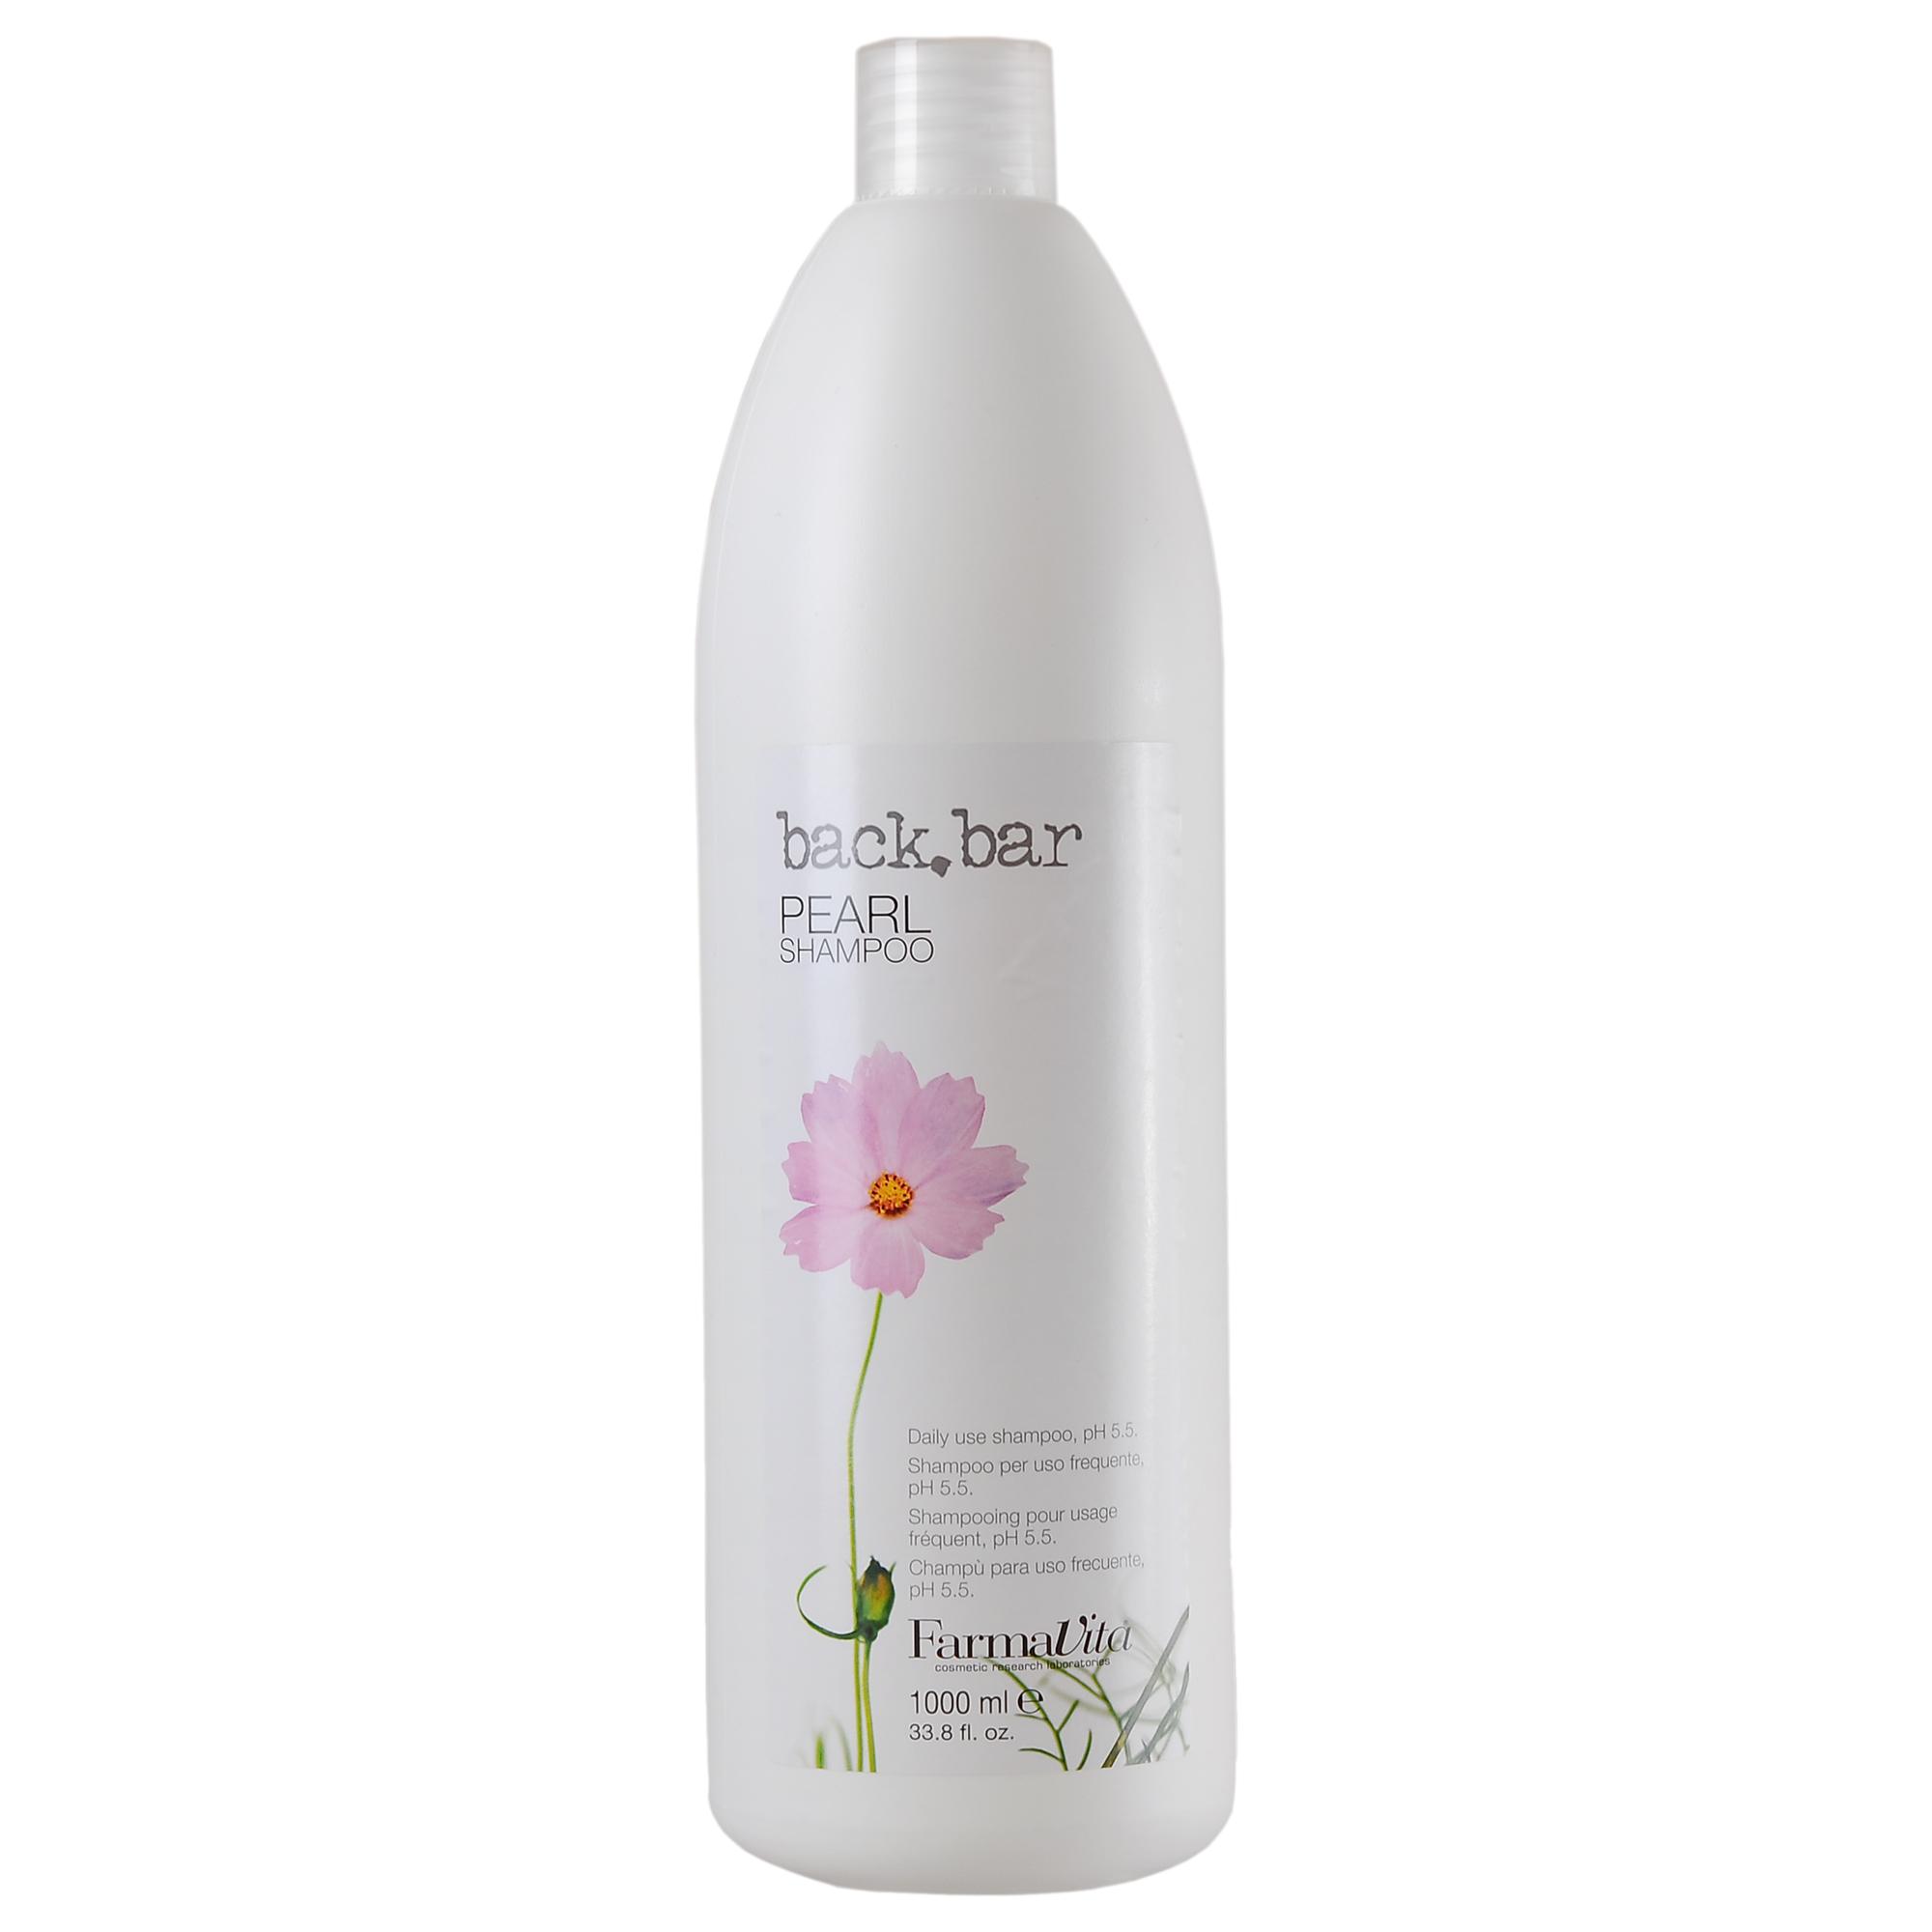 FARMAVITA Шампунь жемчужный Pearl Shampoo / BACK BAR 1000 мл